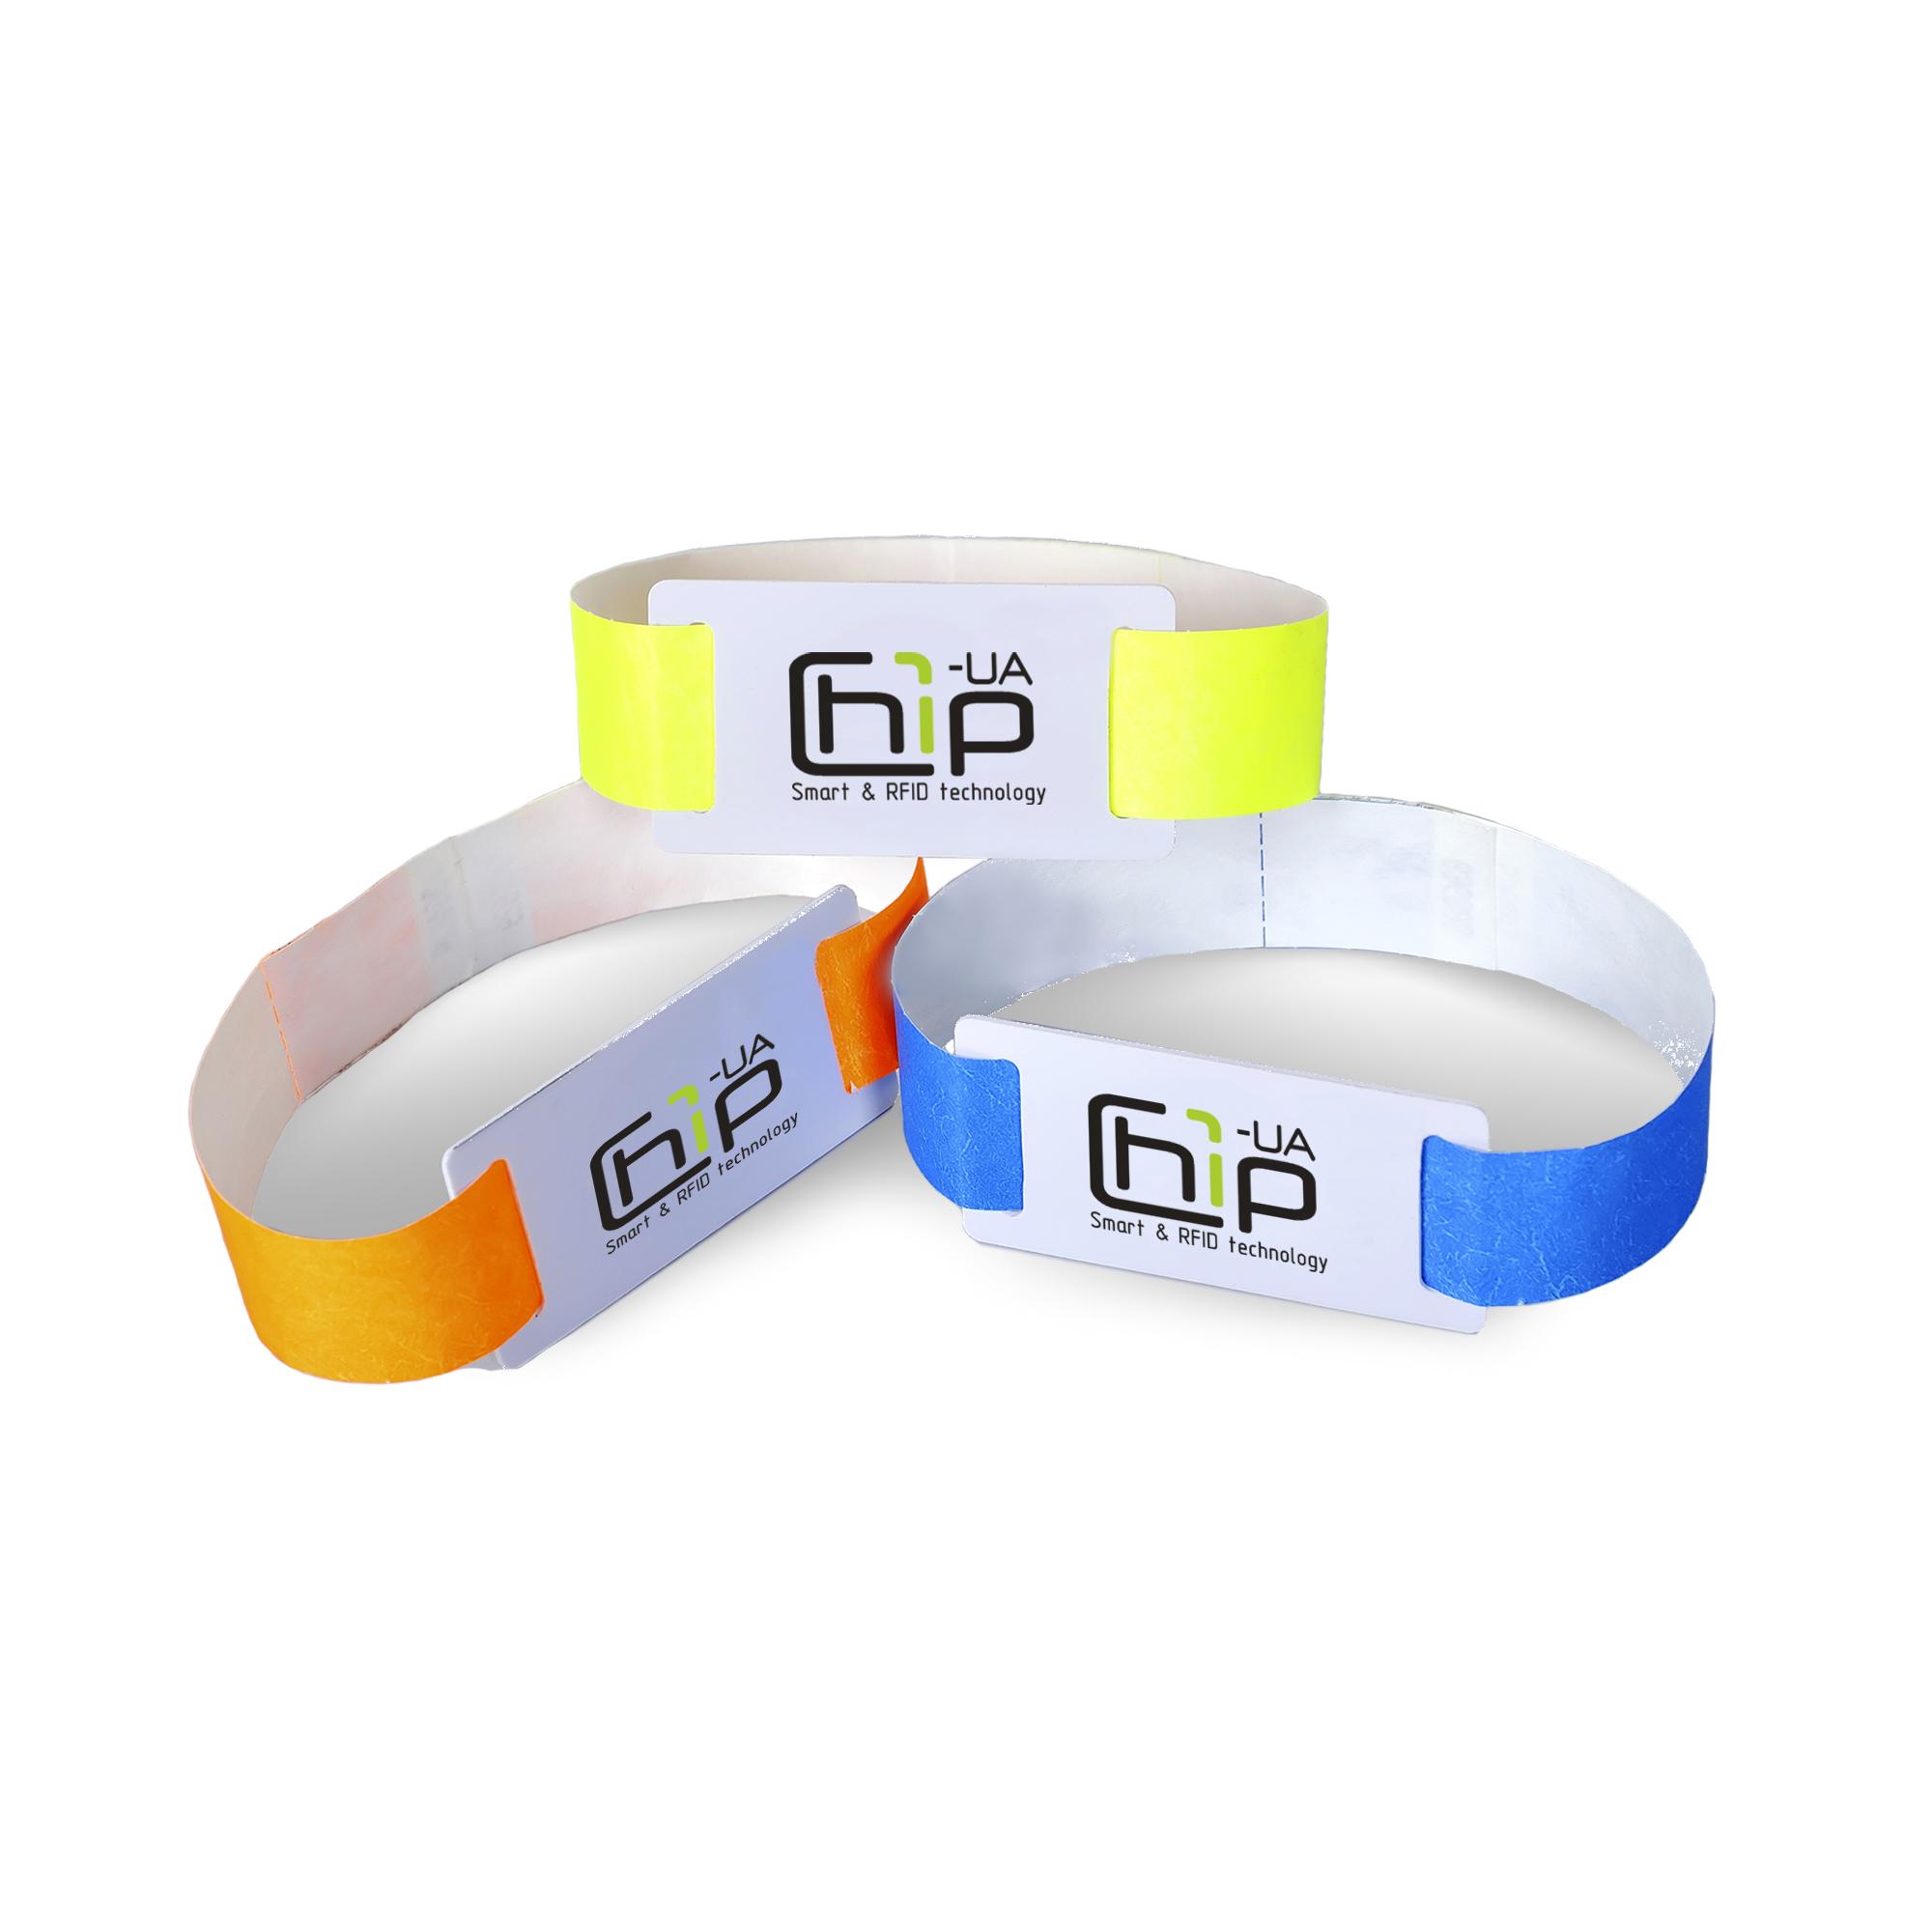 Chip-UA | Оранжевый, желтый и синий бесконтактные RFID-браслеты с полноцветной печатью на бумажном ремешке с чипом Em-Marine